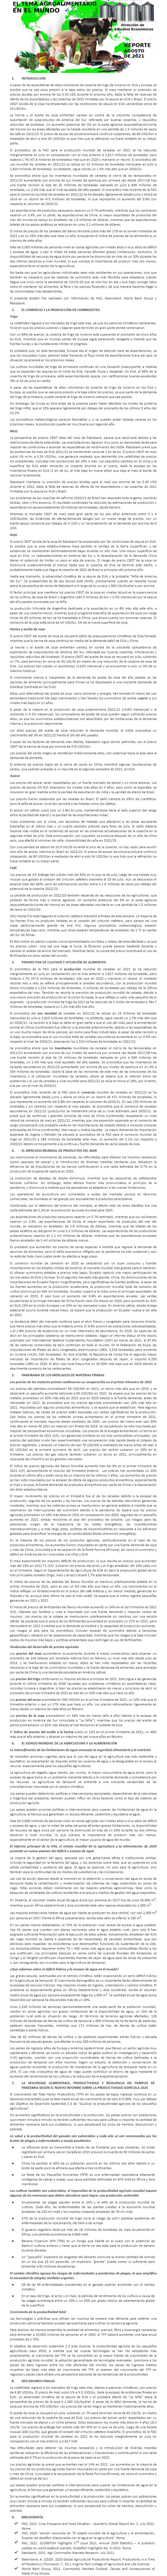 RV: REPORTE: EL TEMA AGROALIMENTARIO EN EL MUNDO, AGOSTO 2021.